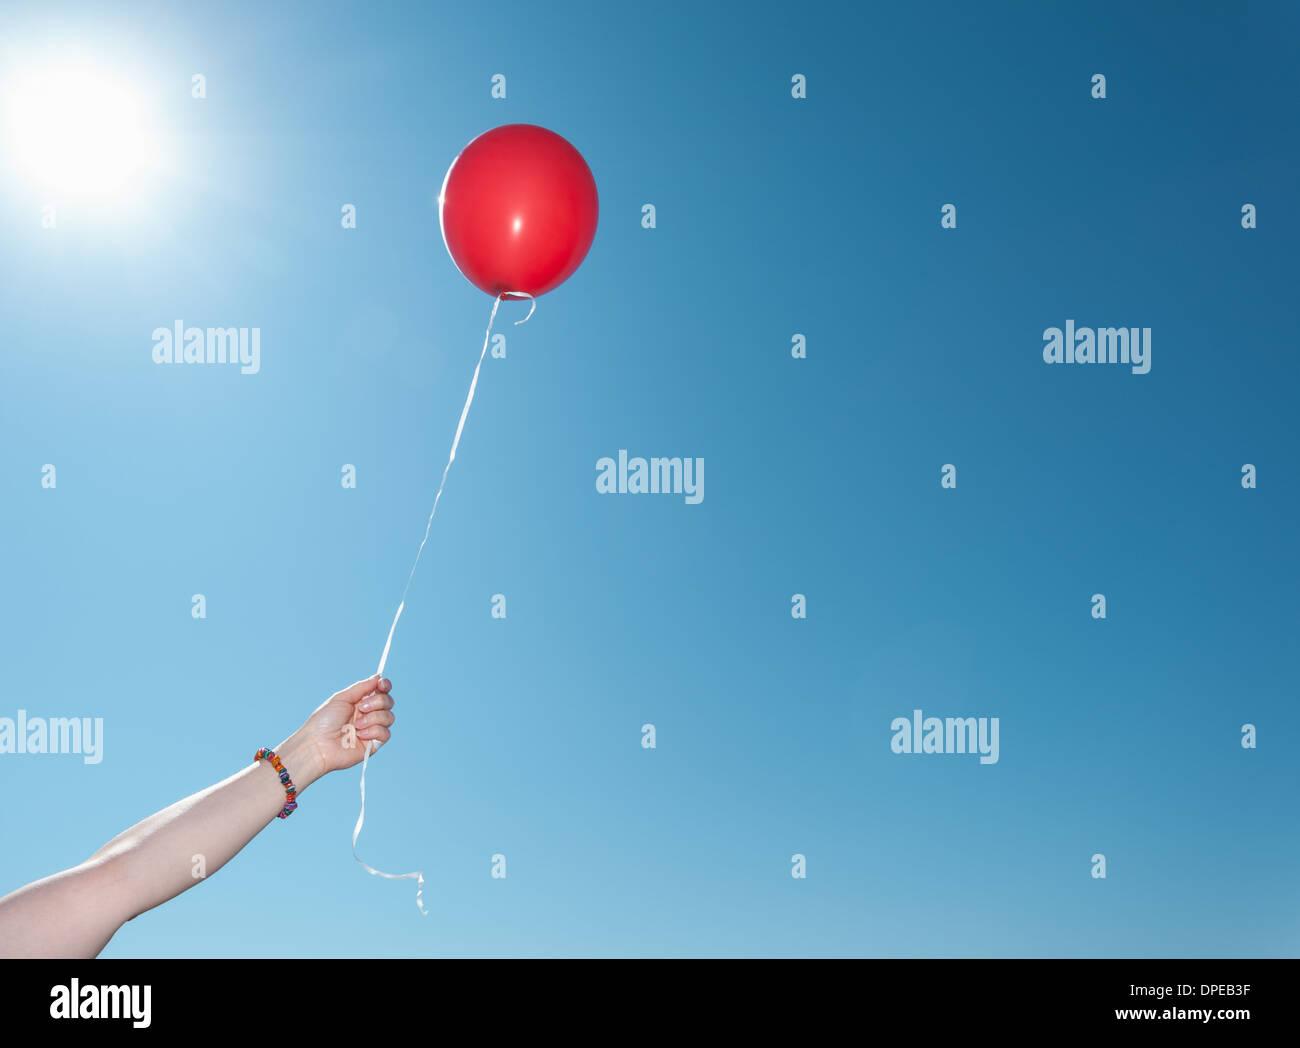 Mano azienda singolo palloncino rosso contro il cielo blu Immagini Stock